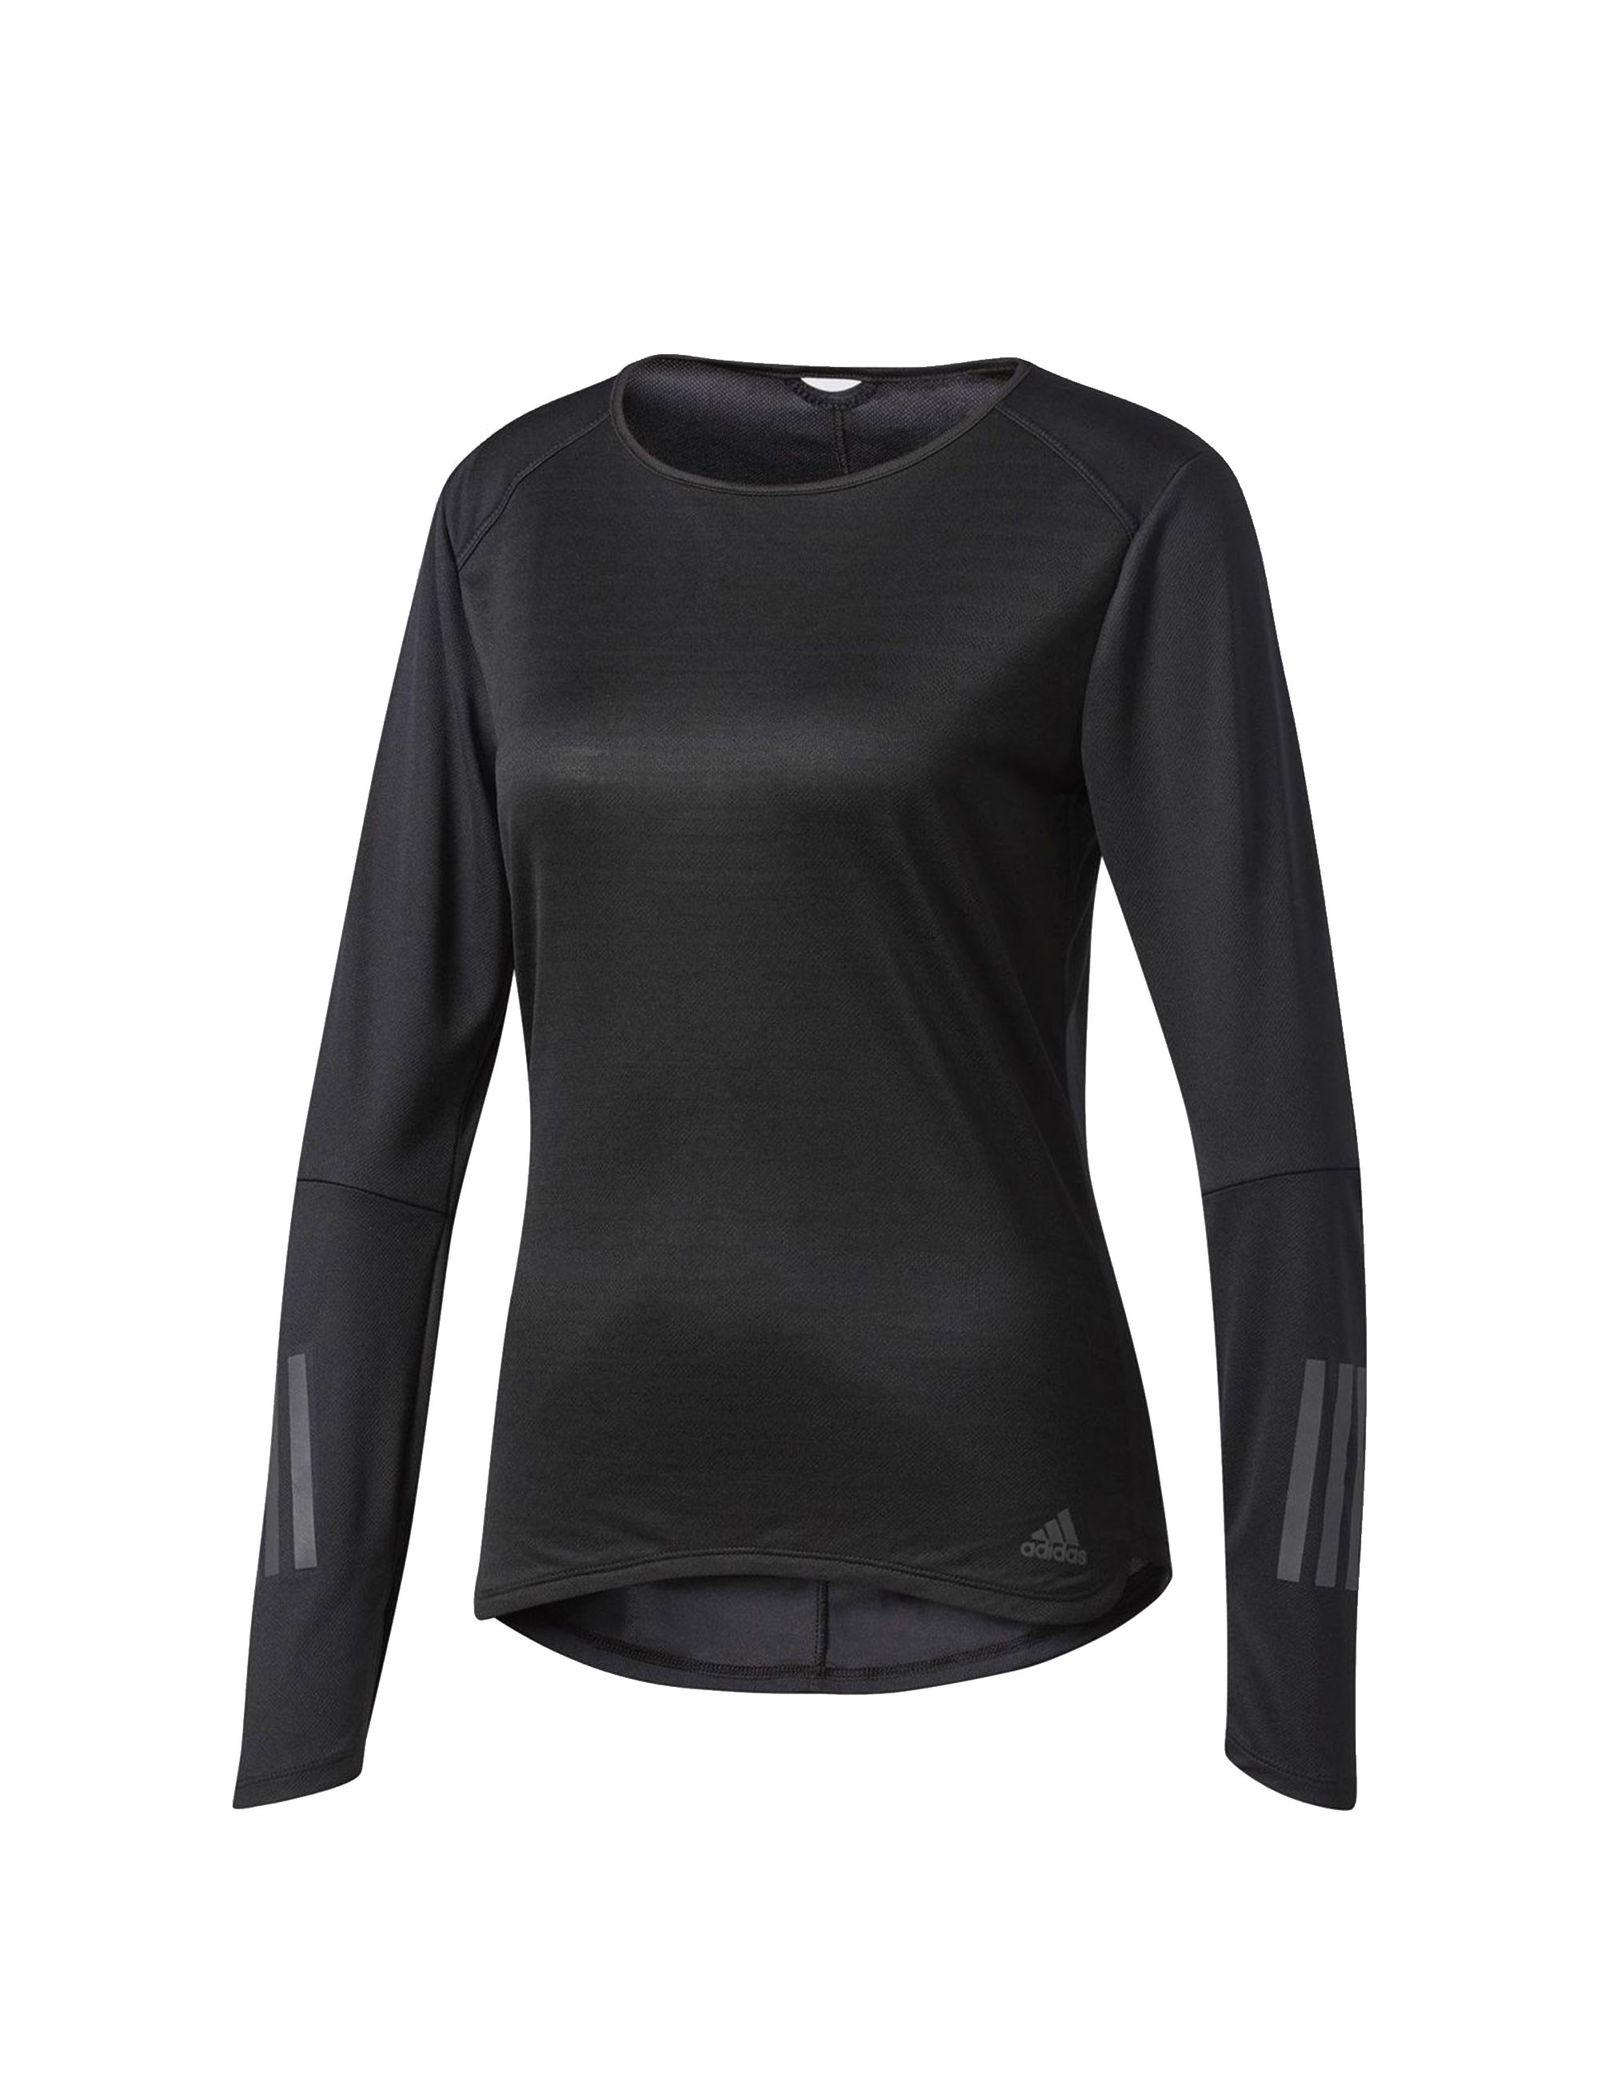 تی شرت ورزشی آستین بلند زنانه Response - آدیداس - مشکي - 1